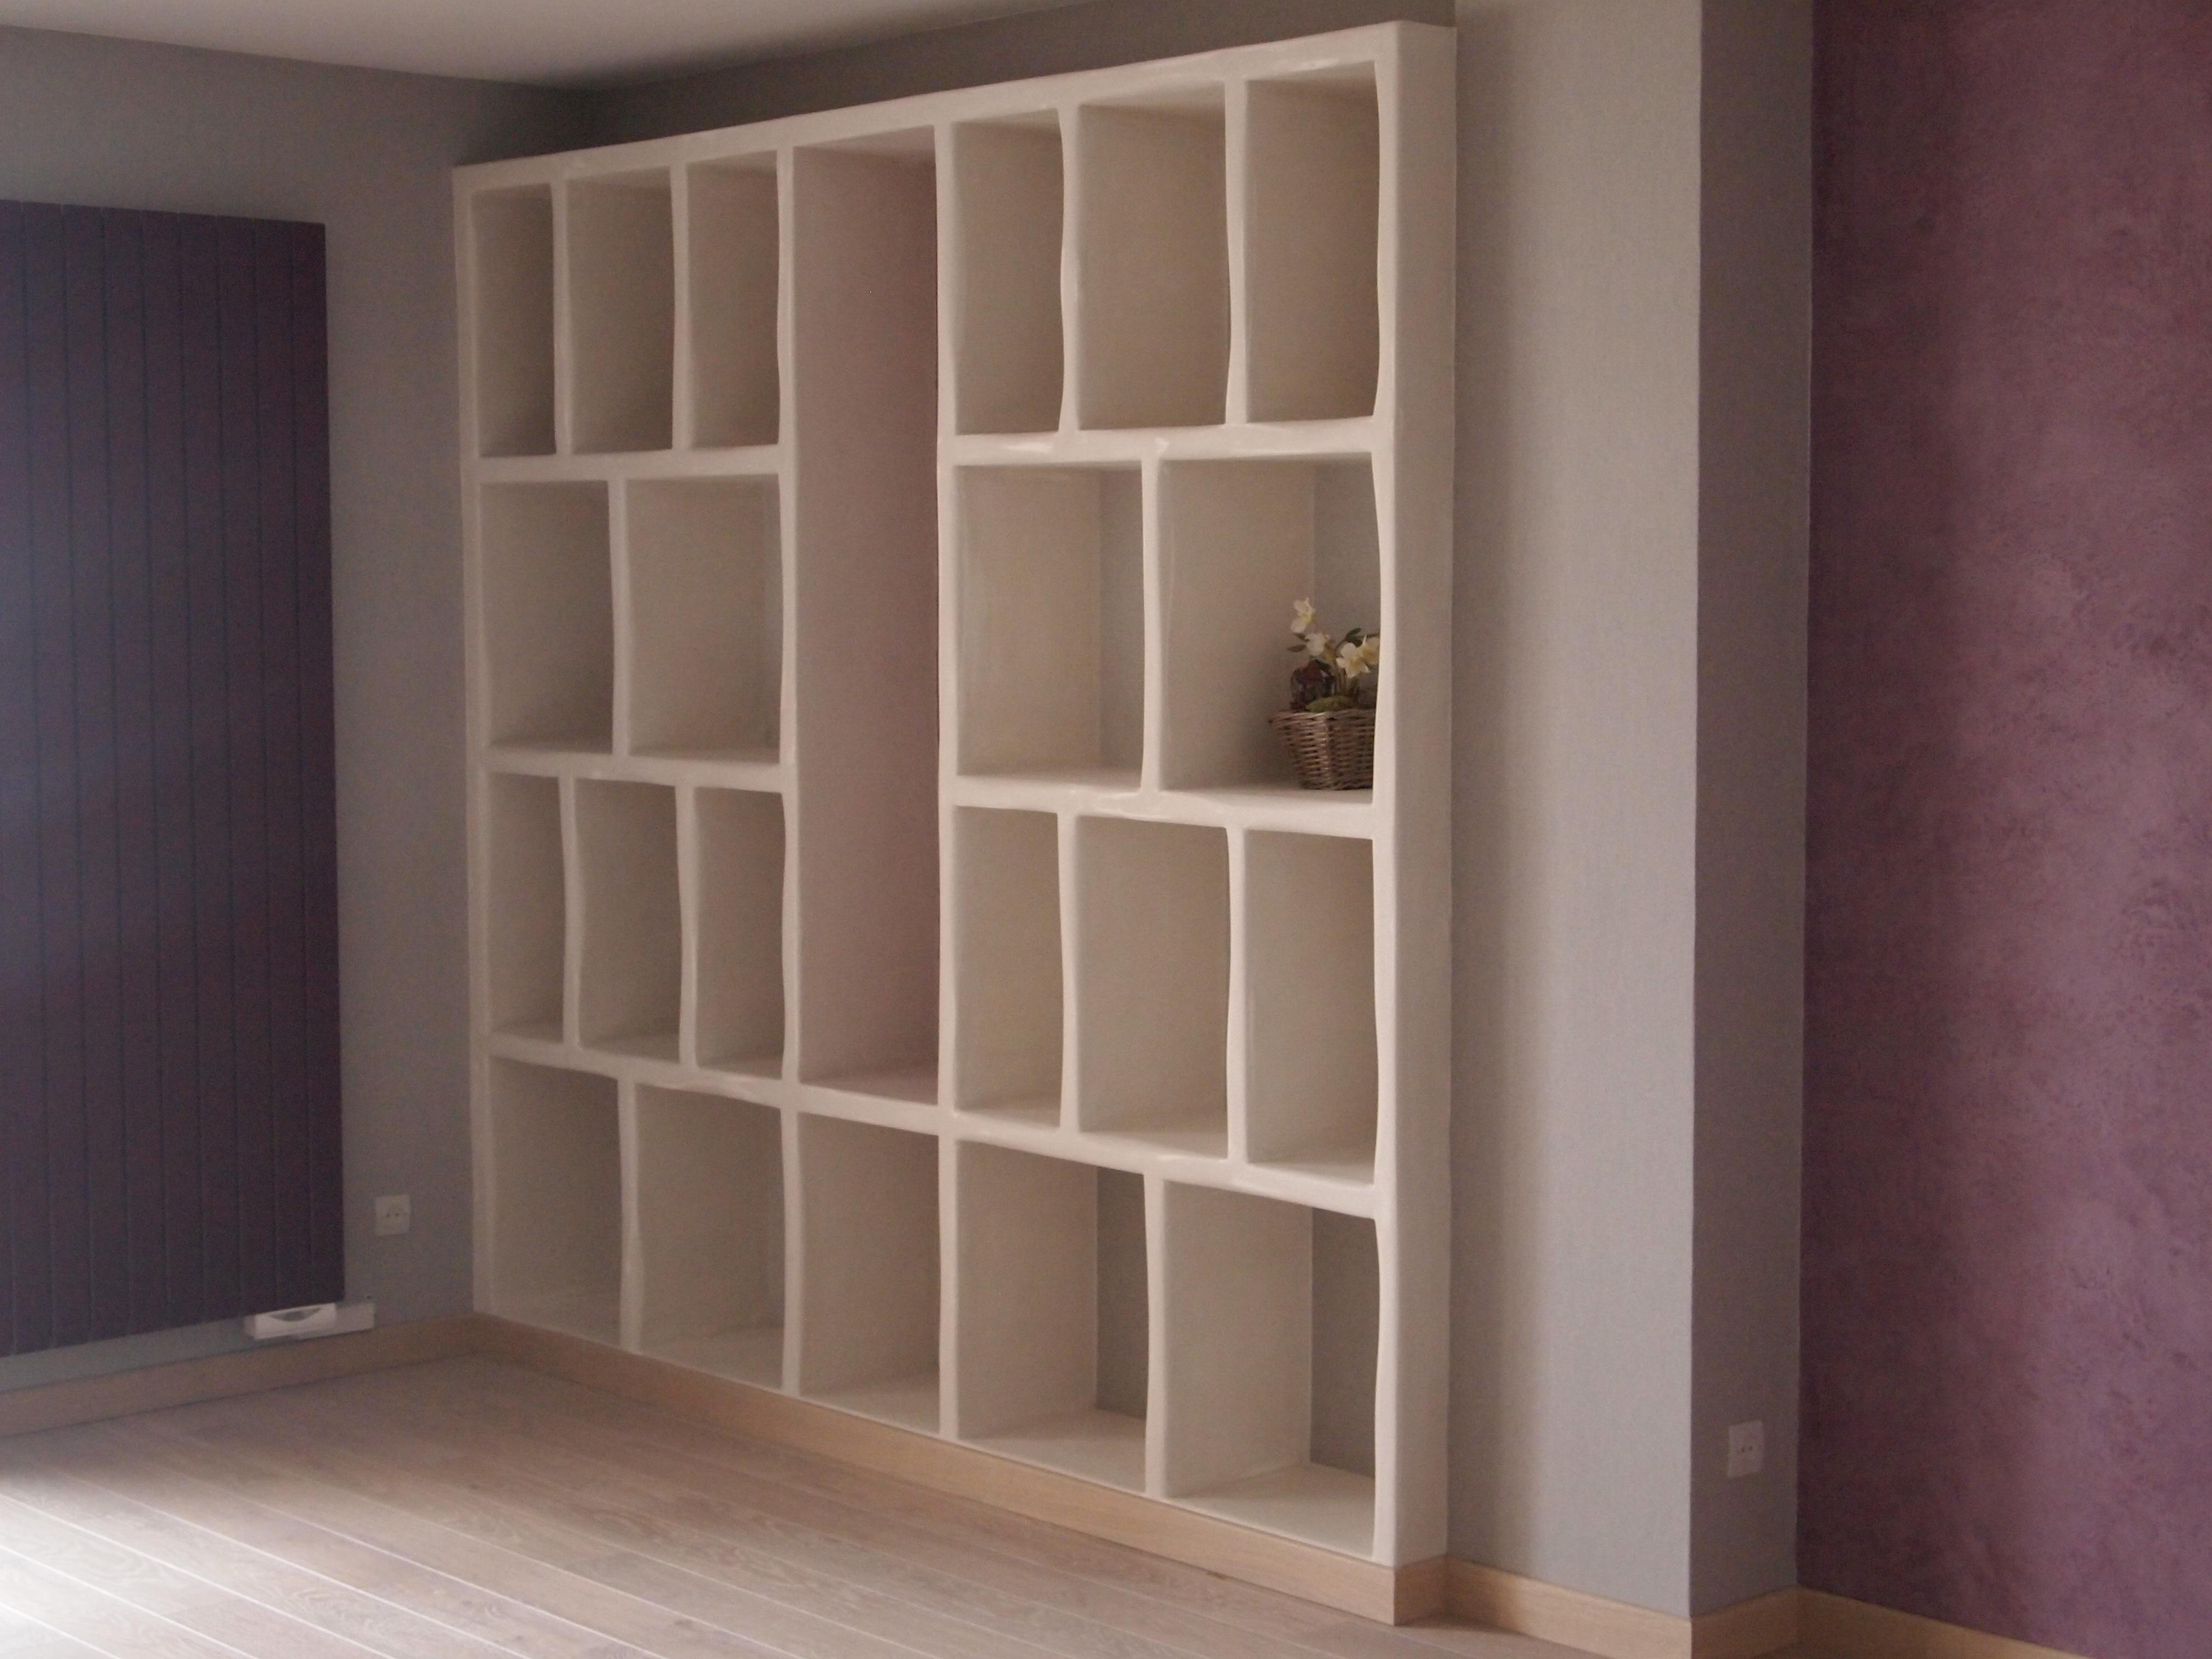 r alisation d une biblioth que sur mesure le blog de l 39 entreprise de peinture et d coration. Black Bedroom Furniture Sets. Home Design Ideas